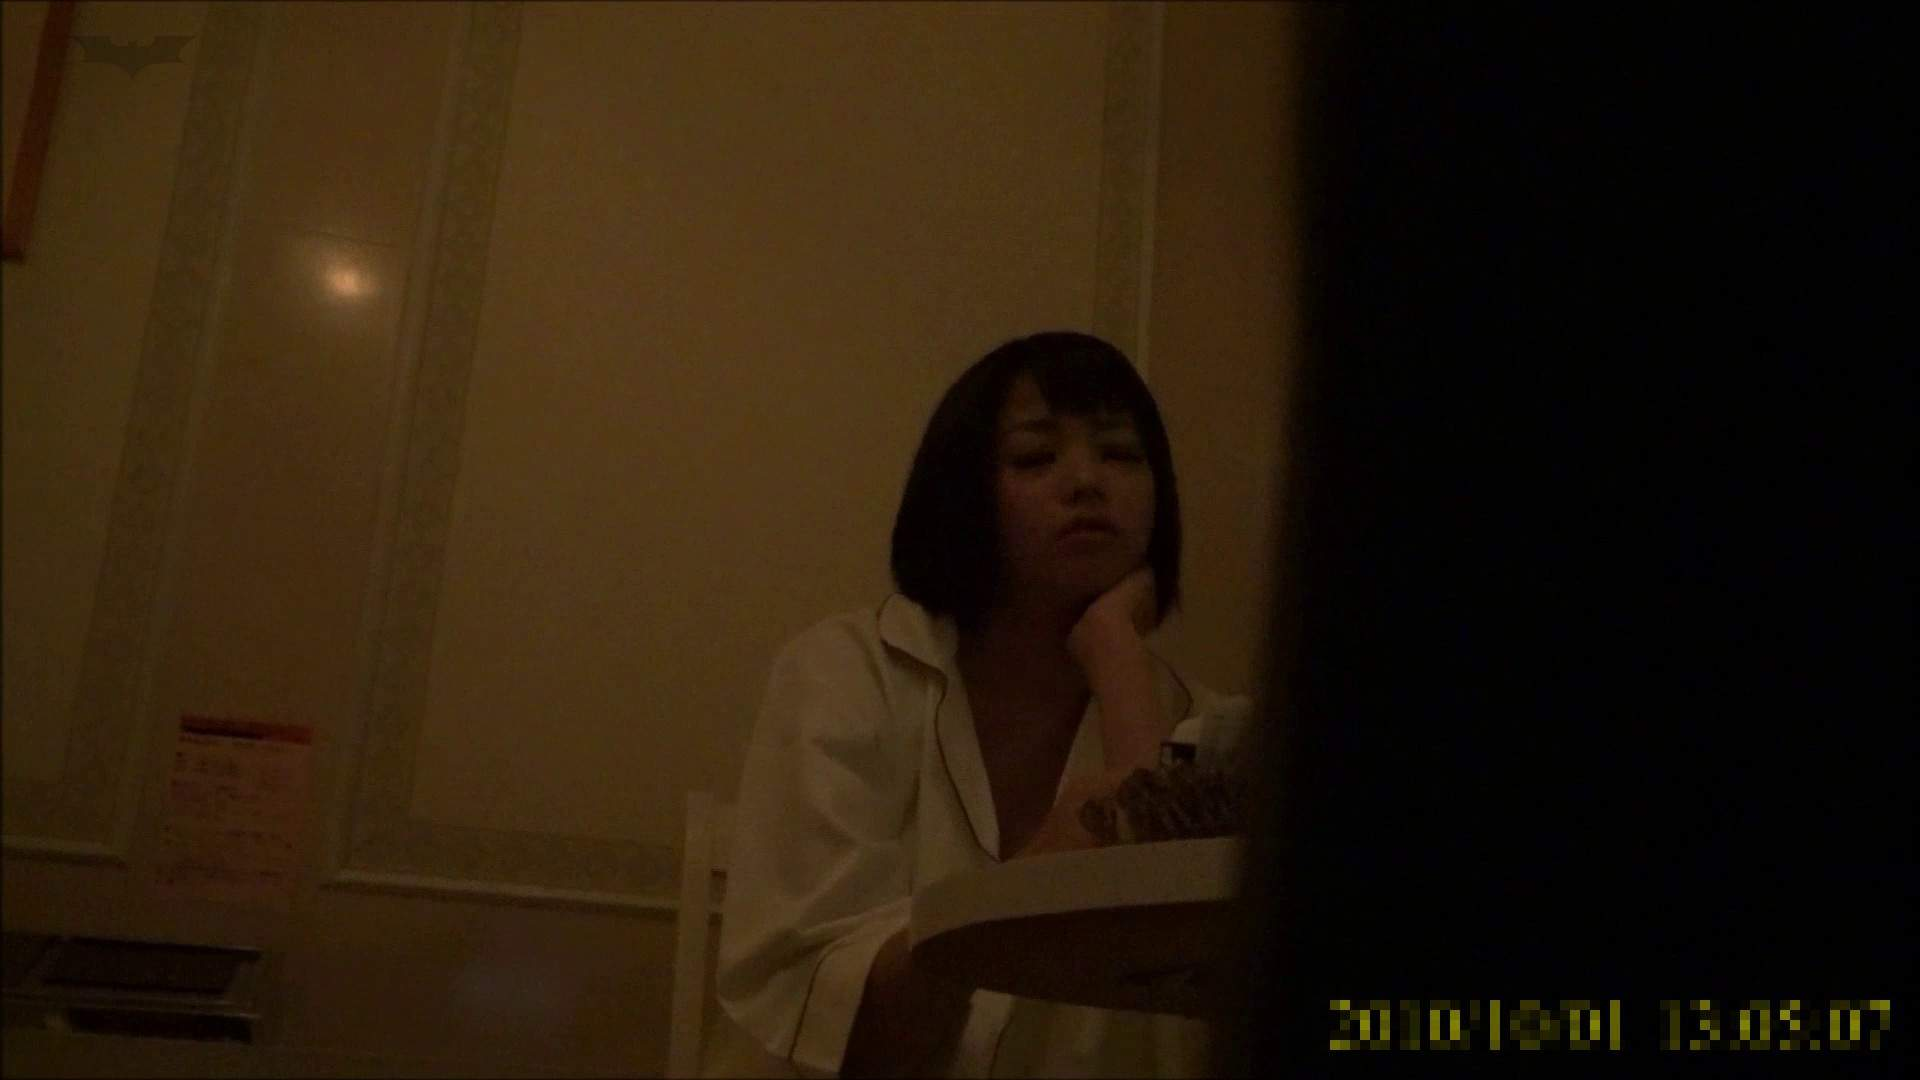 【未公開】vol.96 {茶髪→黒髪ギャル}美巨乳アミちゃん③【前編】 トイレ中   ホテル  96連発 17